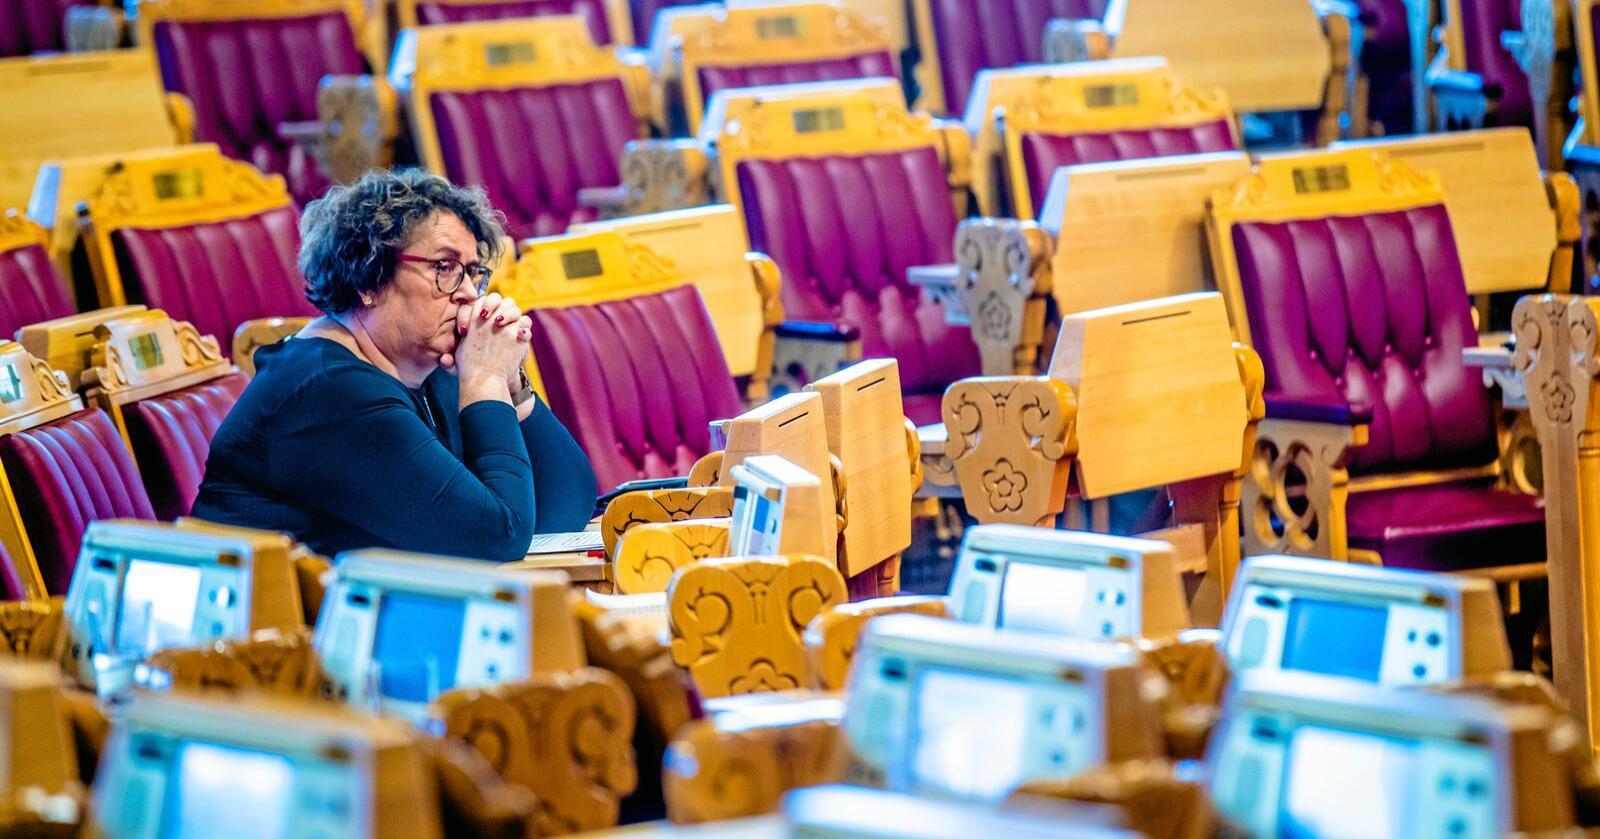 Landbruksminister Olaug Bollestad (KrF) i Stortingssalen. I ei brev til Stortinget beklagar ho at ho har gitt feil informasjon i saka om Rema-kyllingane. Foto: Stian Lysberg Solum / NTB